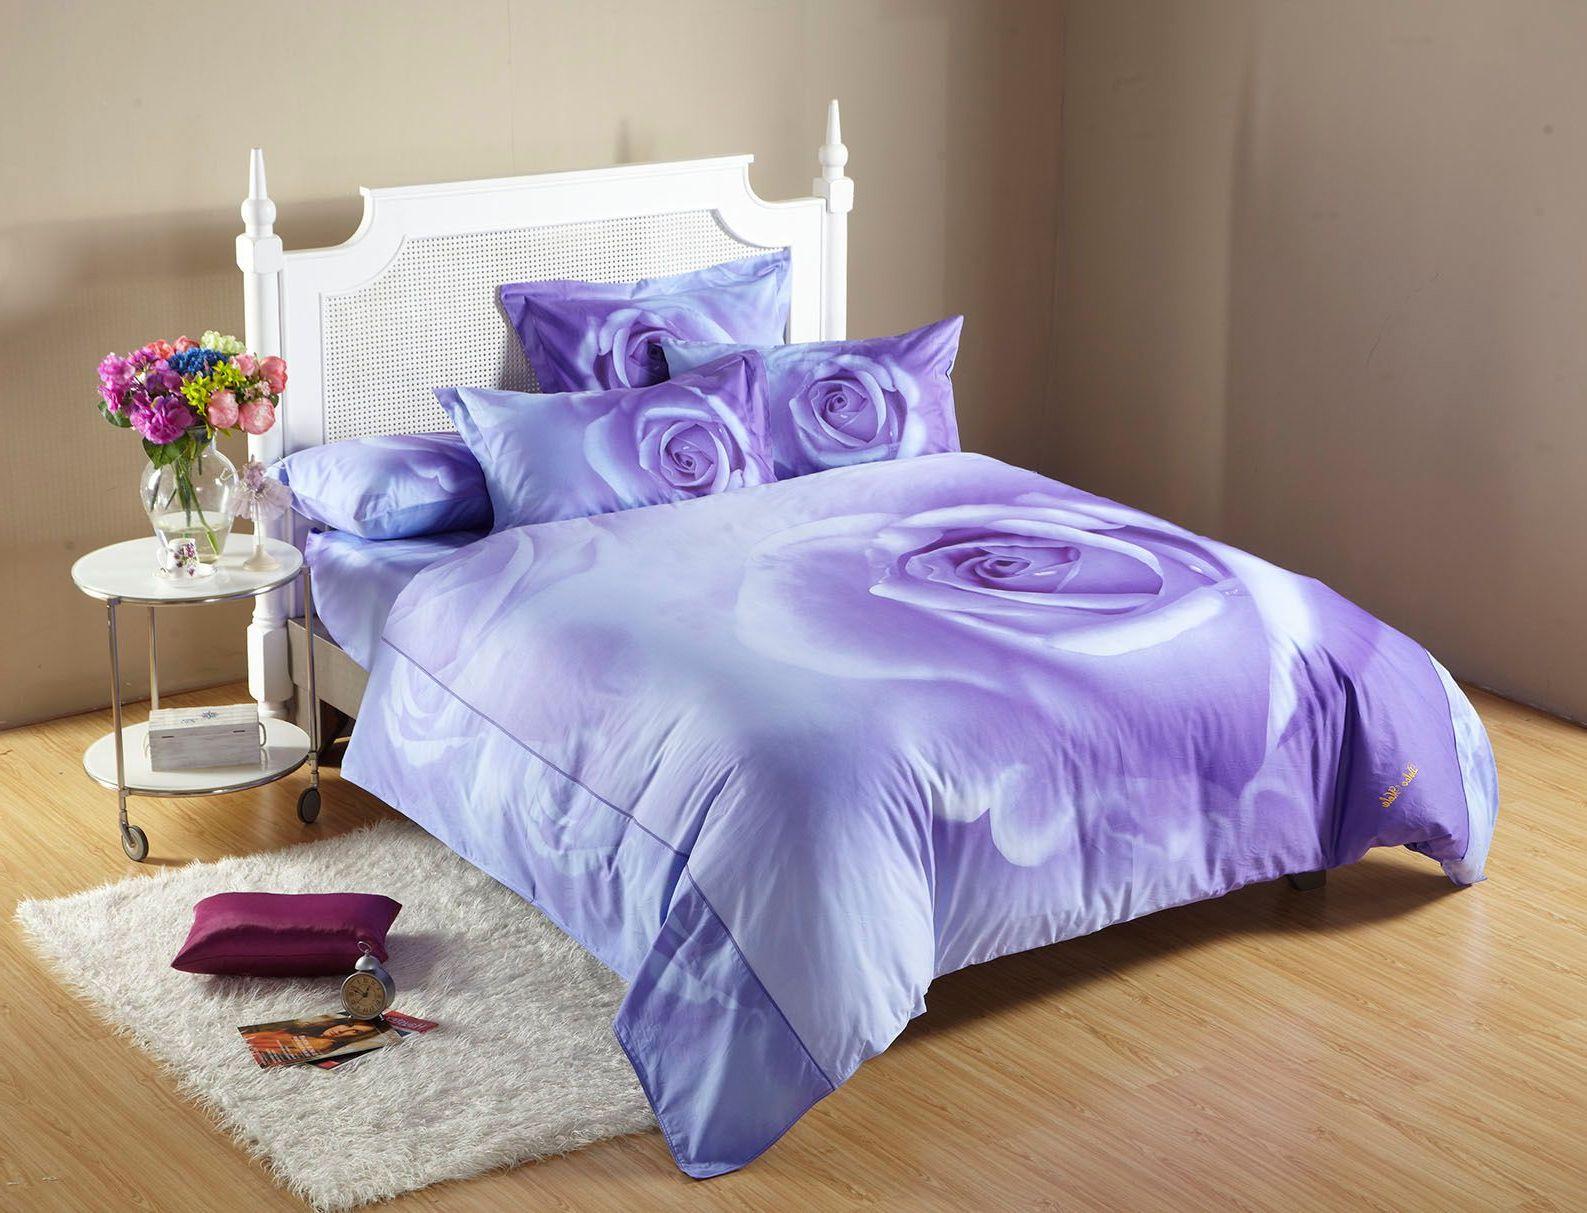 Modern bed sheet design - 4